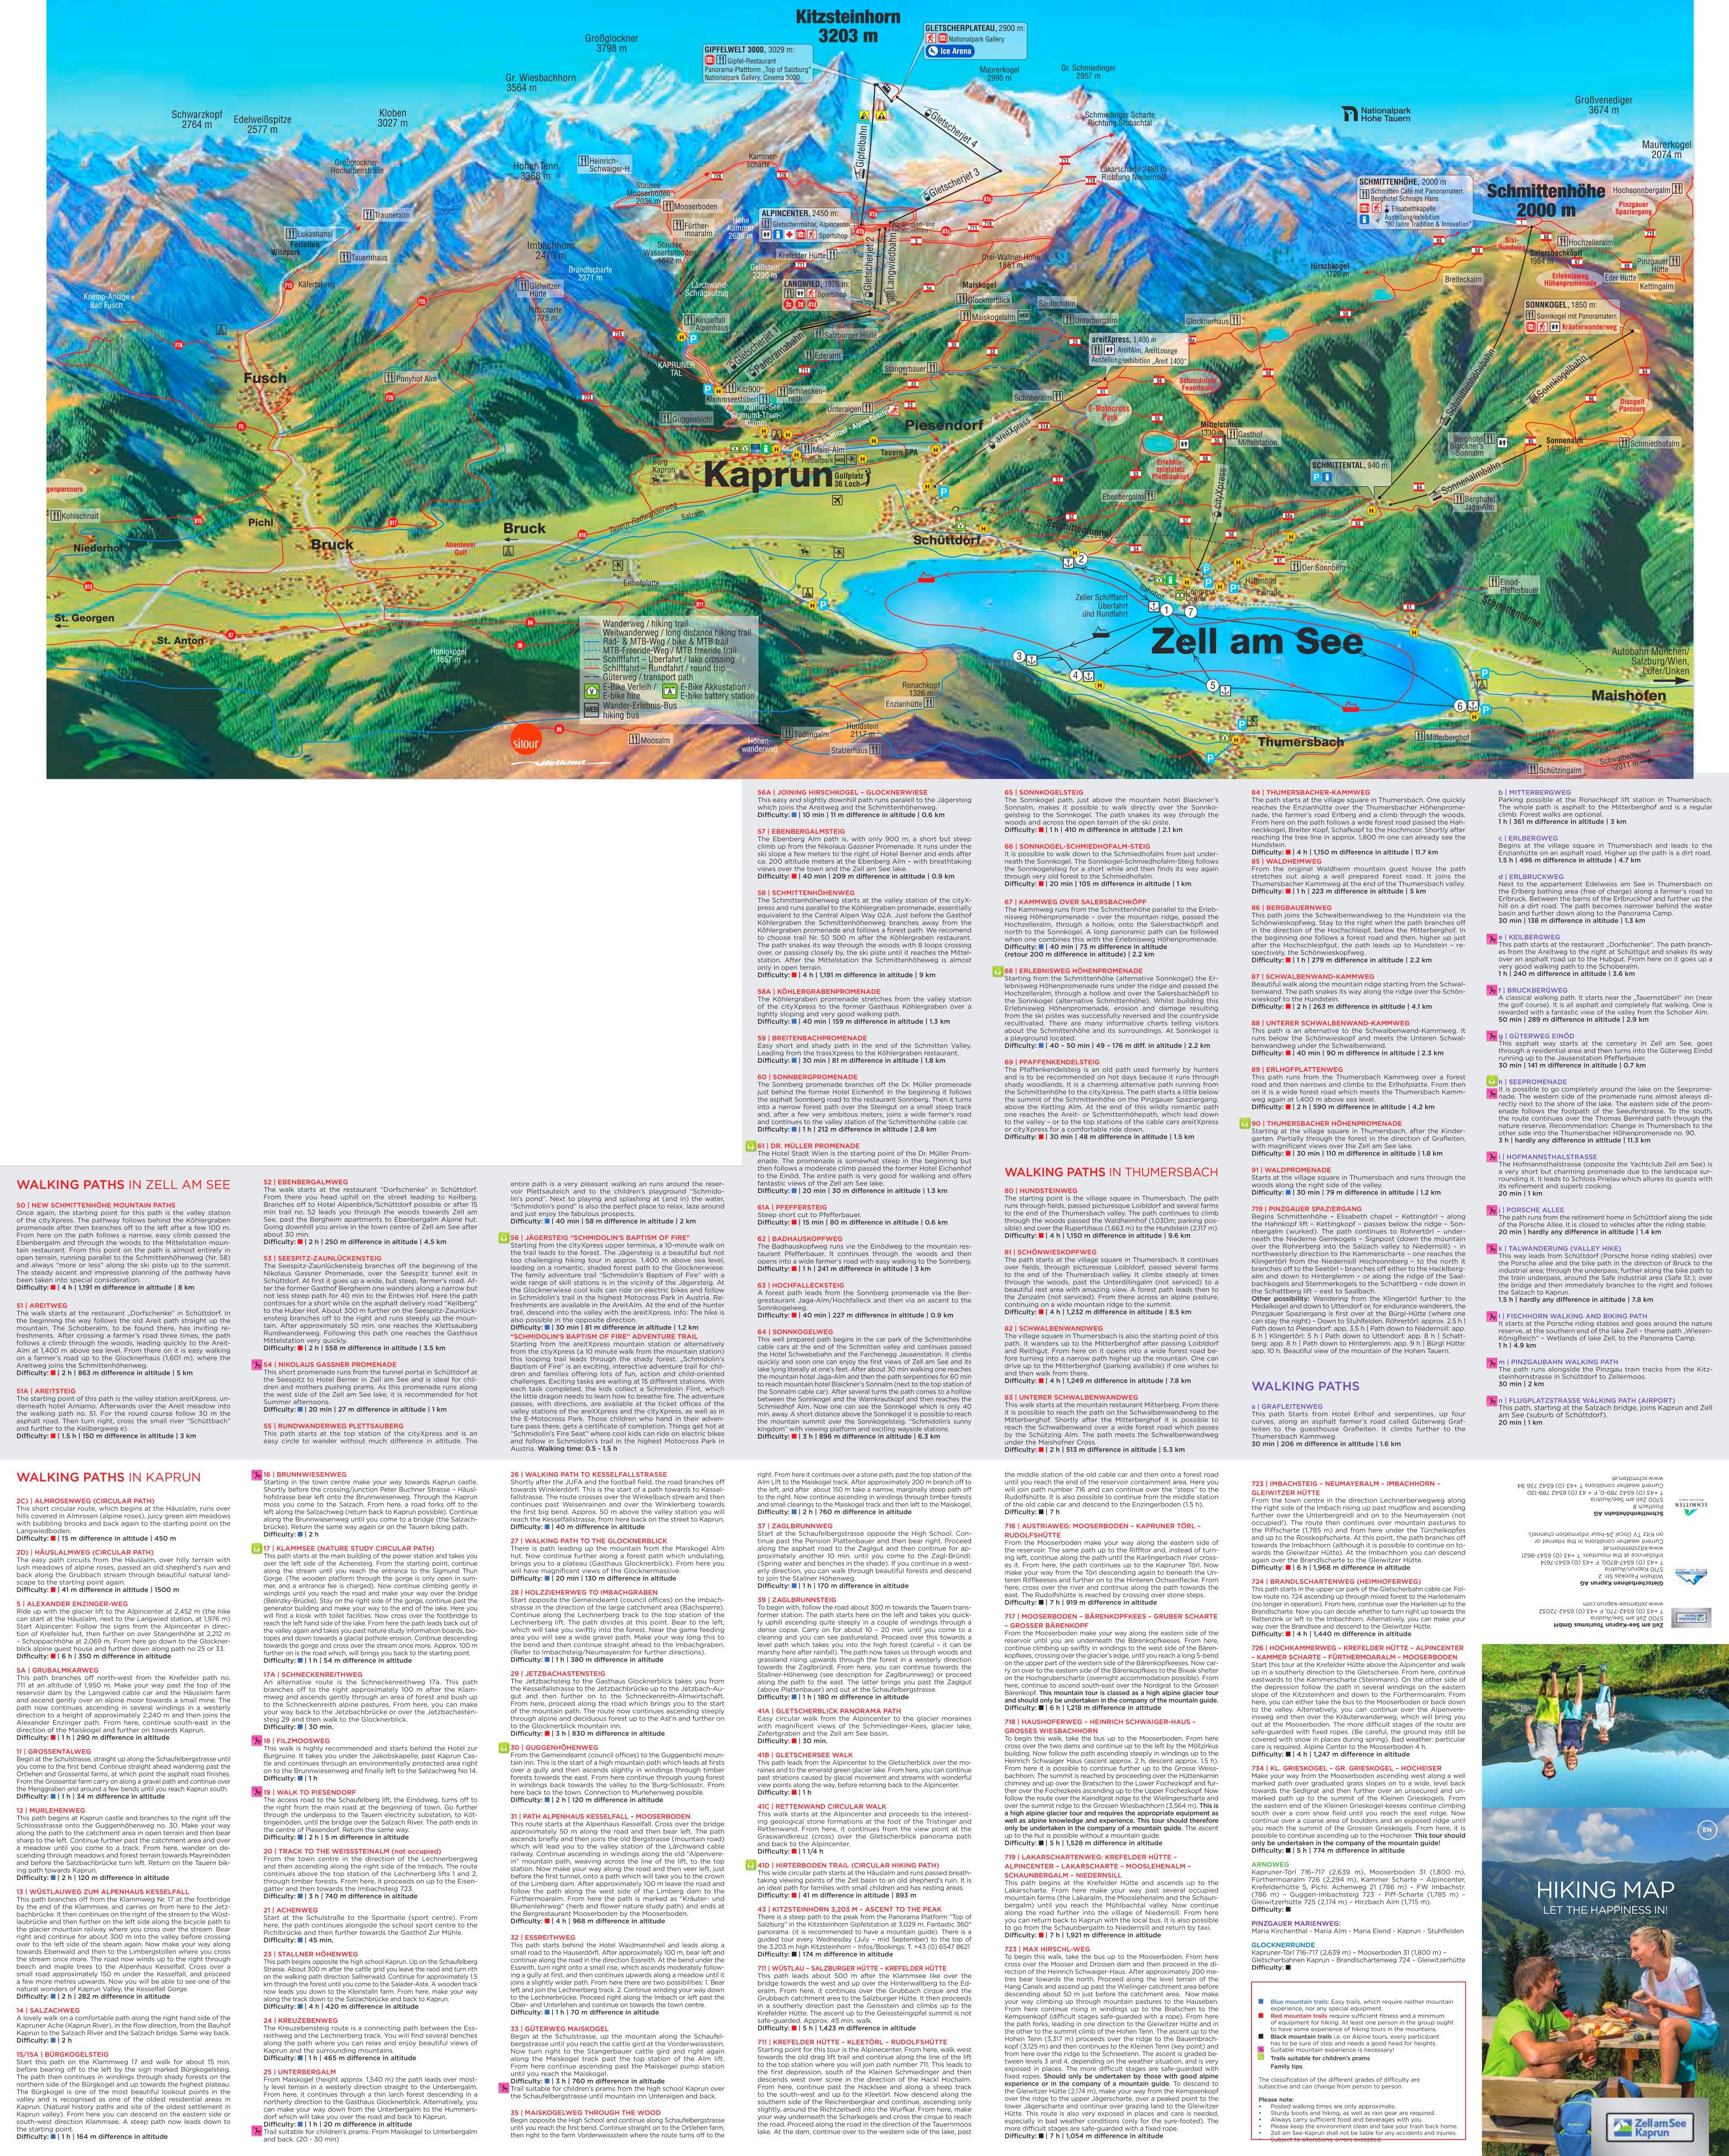 Zell am See and Kaprun hiking map Zell Am See Austria Map on altmunster austria map, budapest austria map, zell am zee austria, tyrol austria map, igls austria map, eisenstadt austria map, new i am america map, otztal austria map, stubai austria map, munich austria map, innsbruck austria map, italy germany austria map, mariazell austria map, mauthausen austria map, vienna austria map, hopfgarten austria map, gosau austria map, berlin austria map, attersee austria map, salzkammergut austria map,